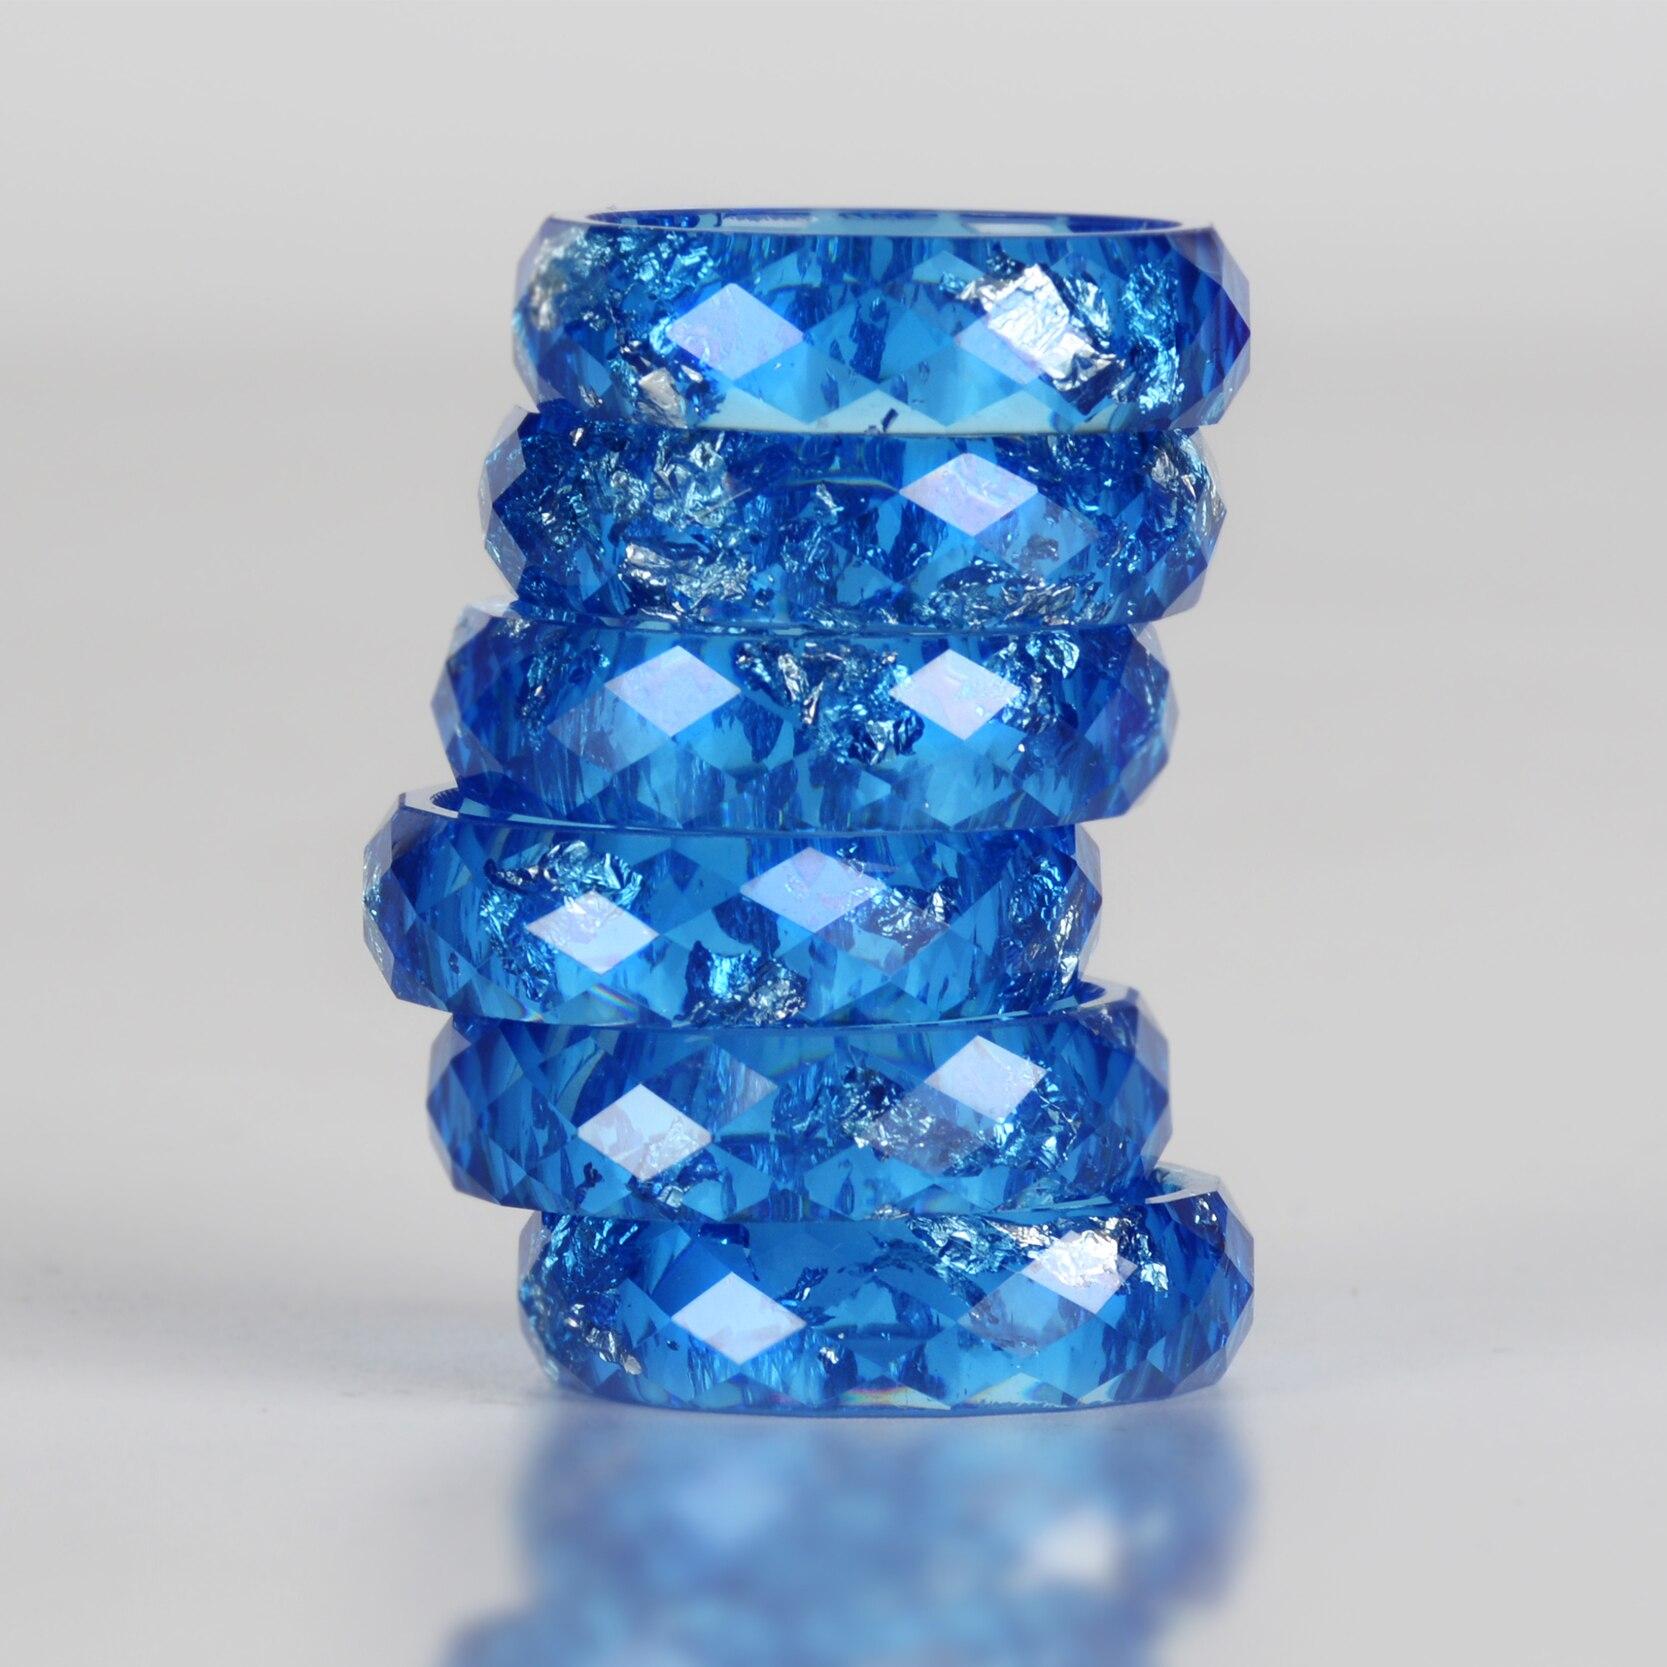 H35c0a7cd991e4ee582dbdb22708b0b08Y - Crystalic Resin Ring